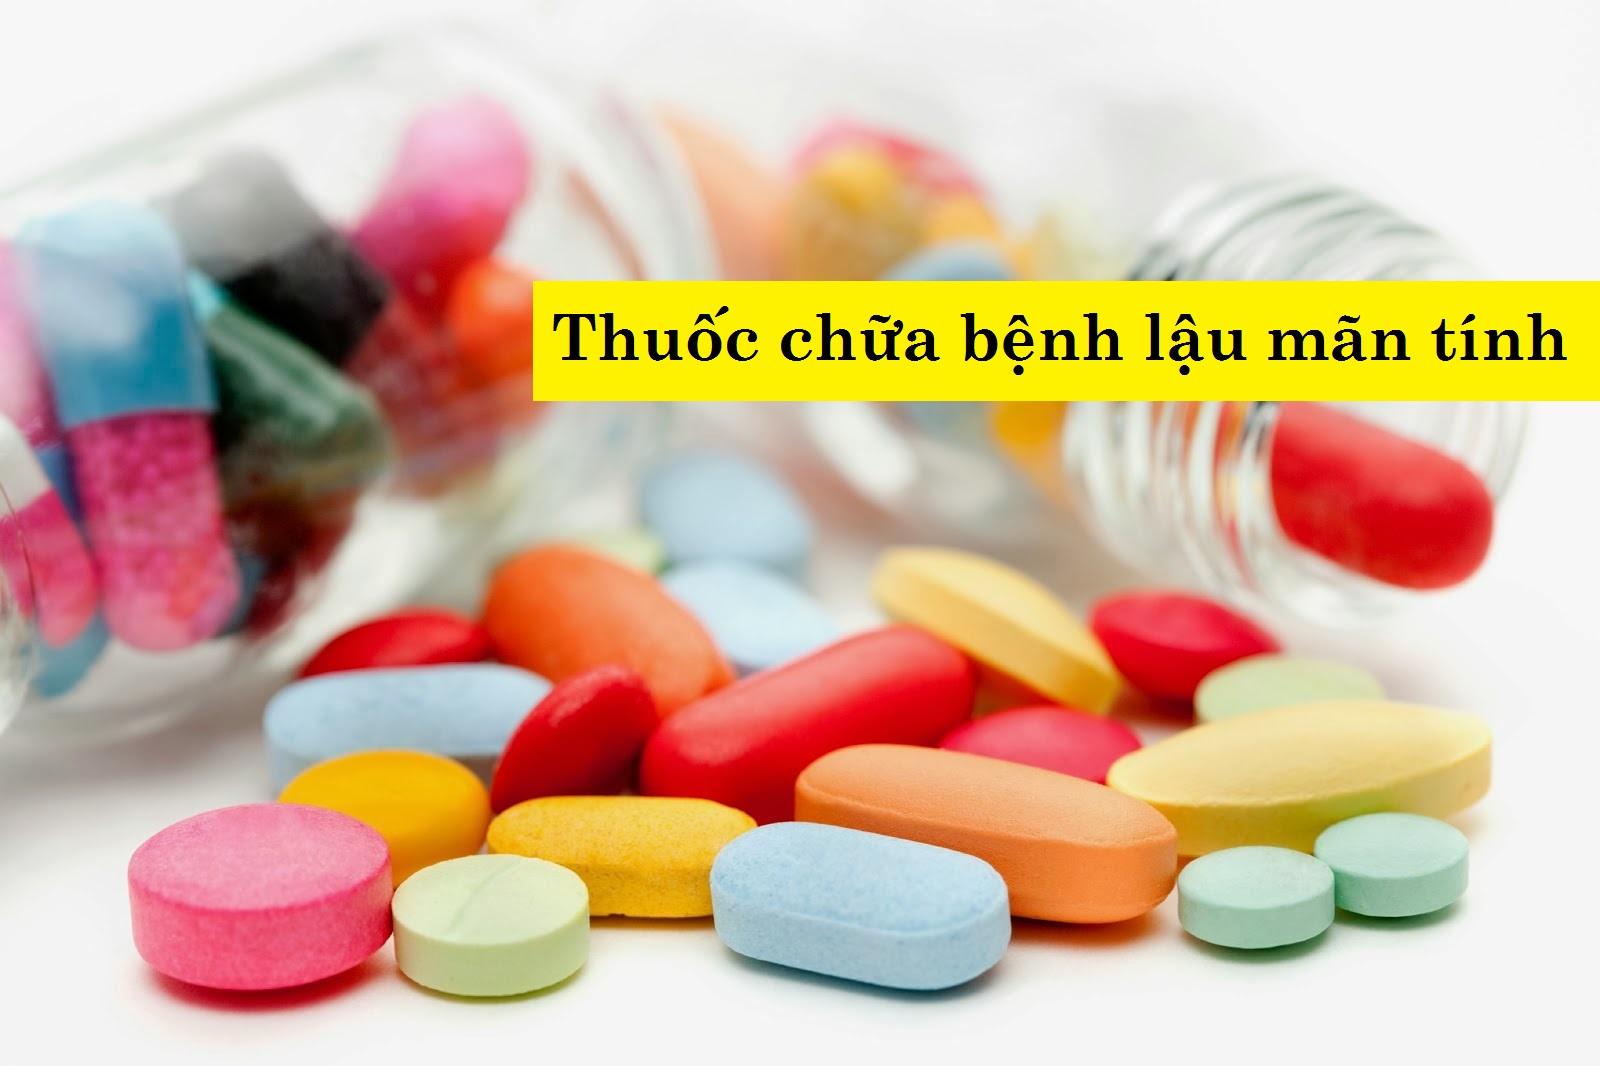 thuốc chữa bệnh lậu mãn tính